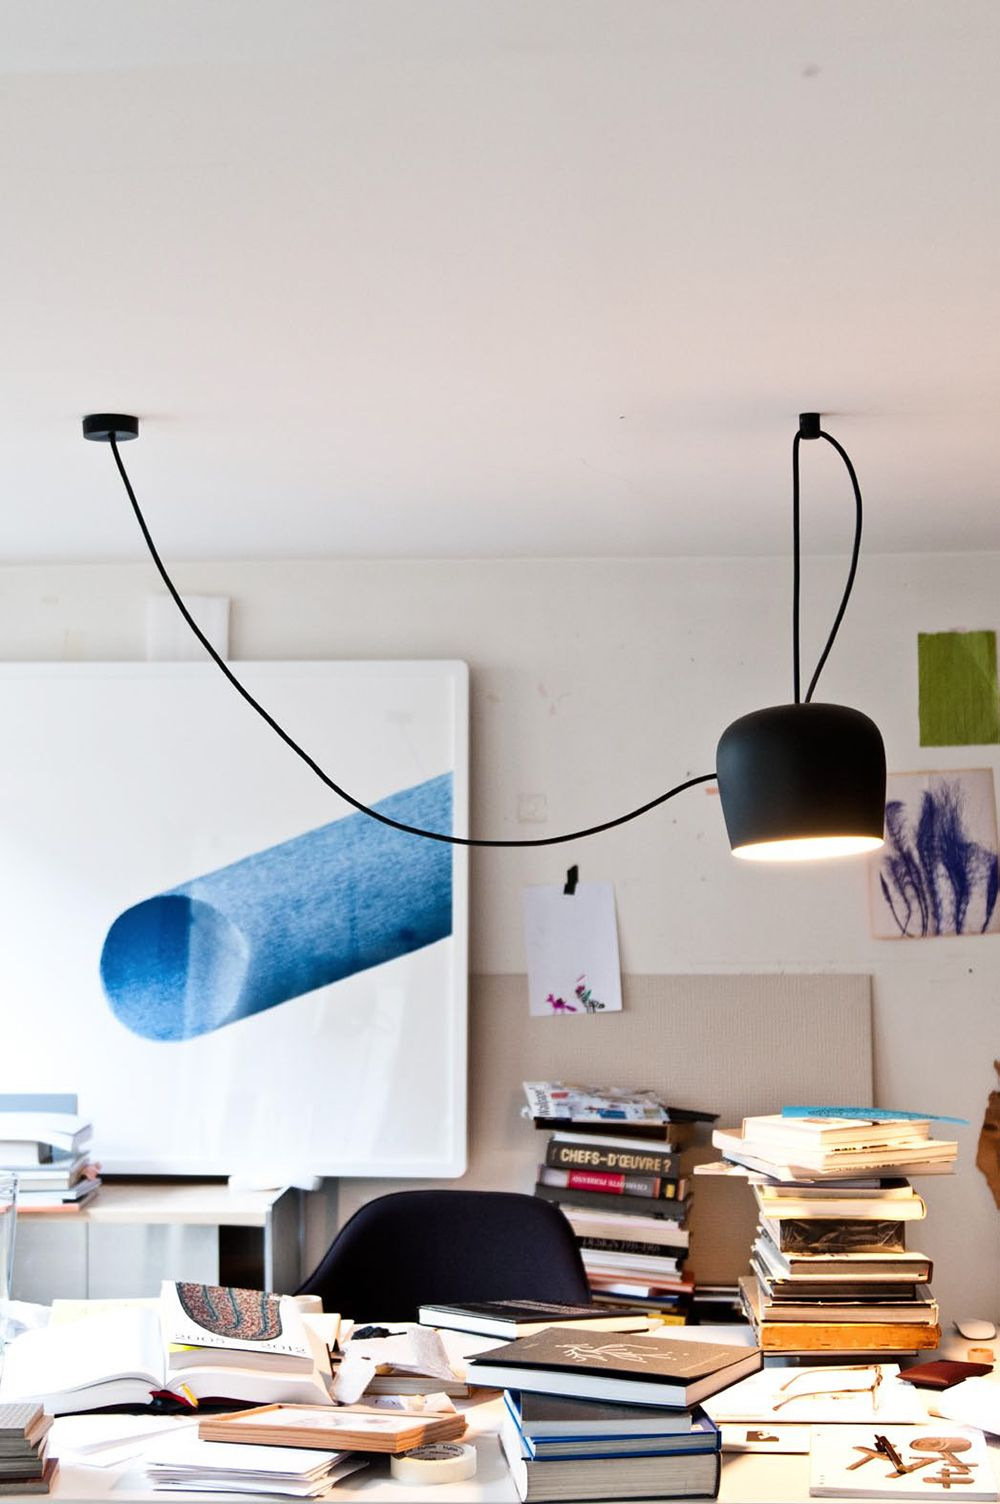 Una lámpara que ofrece una infinita variedad de regulaciones, para satisfacer las diversas exigencias de iluminación. La lámpara AIM de Flos es una propuesta que se coloca en el espacio – como haría una planta – gracias a sus largos cables que facilitan libremente la orientación y altura de la luz. Puedes conectar hasta cinco aparatos para crear tu propia lámpara personalizada. Solo 390€ (IVA INCLUIDO) hasta fin de existencias.